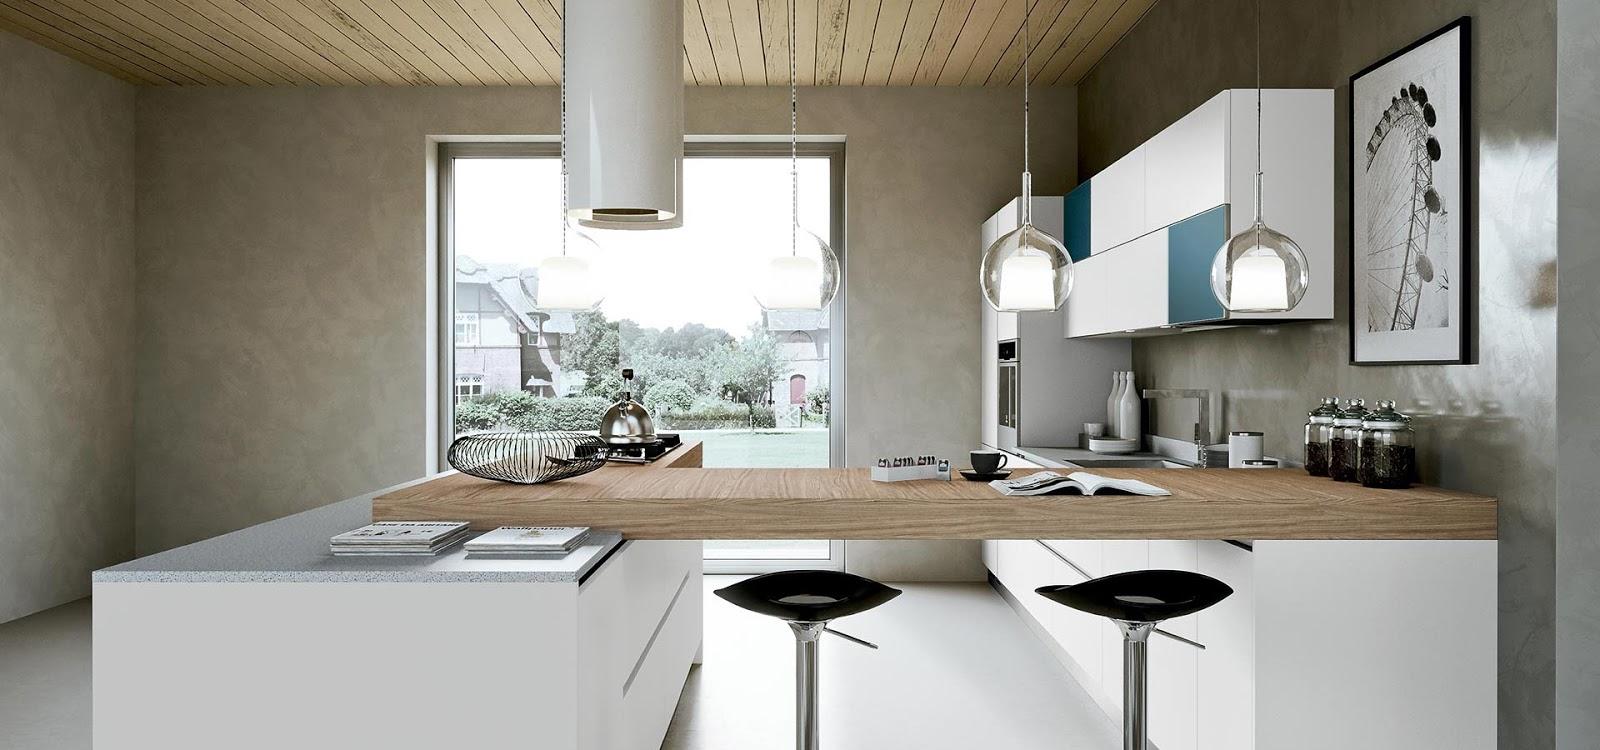 Nowoczesna Kuchnia Z Oknem Bajkowe Wnętrza